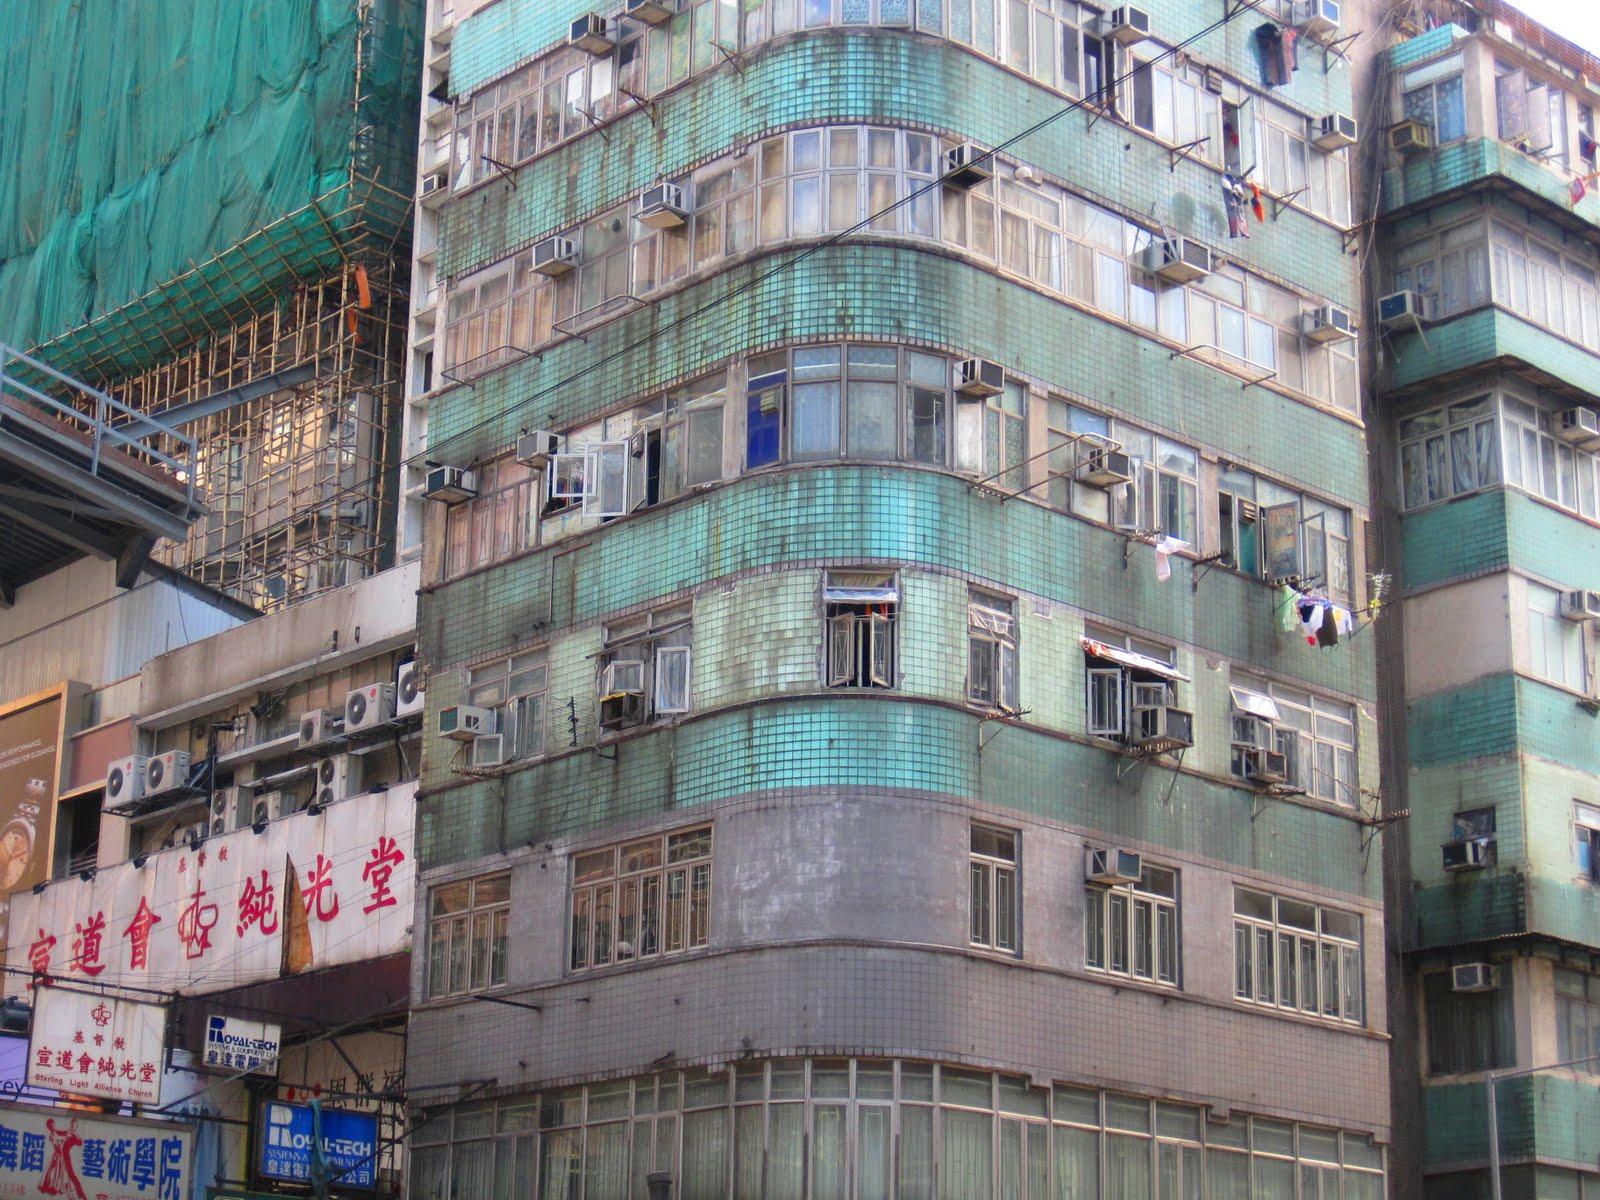 Hong kong click for details subways hong kong clean subways click for